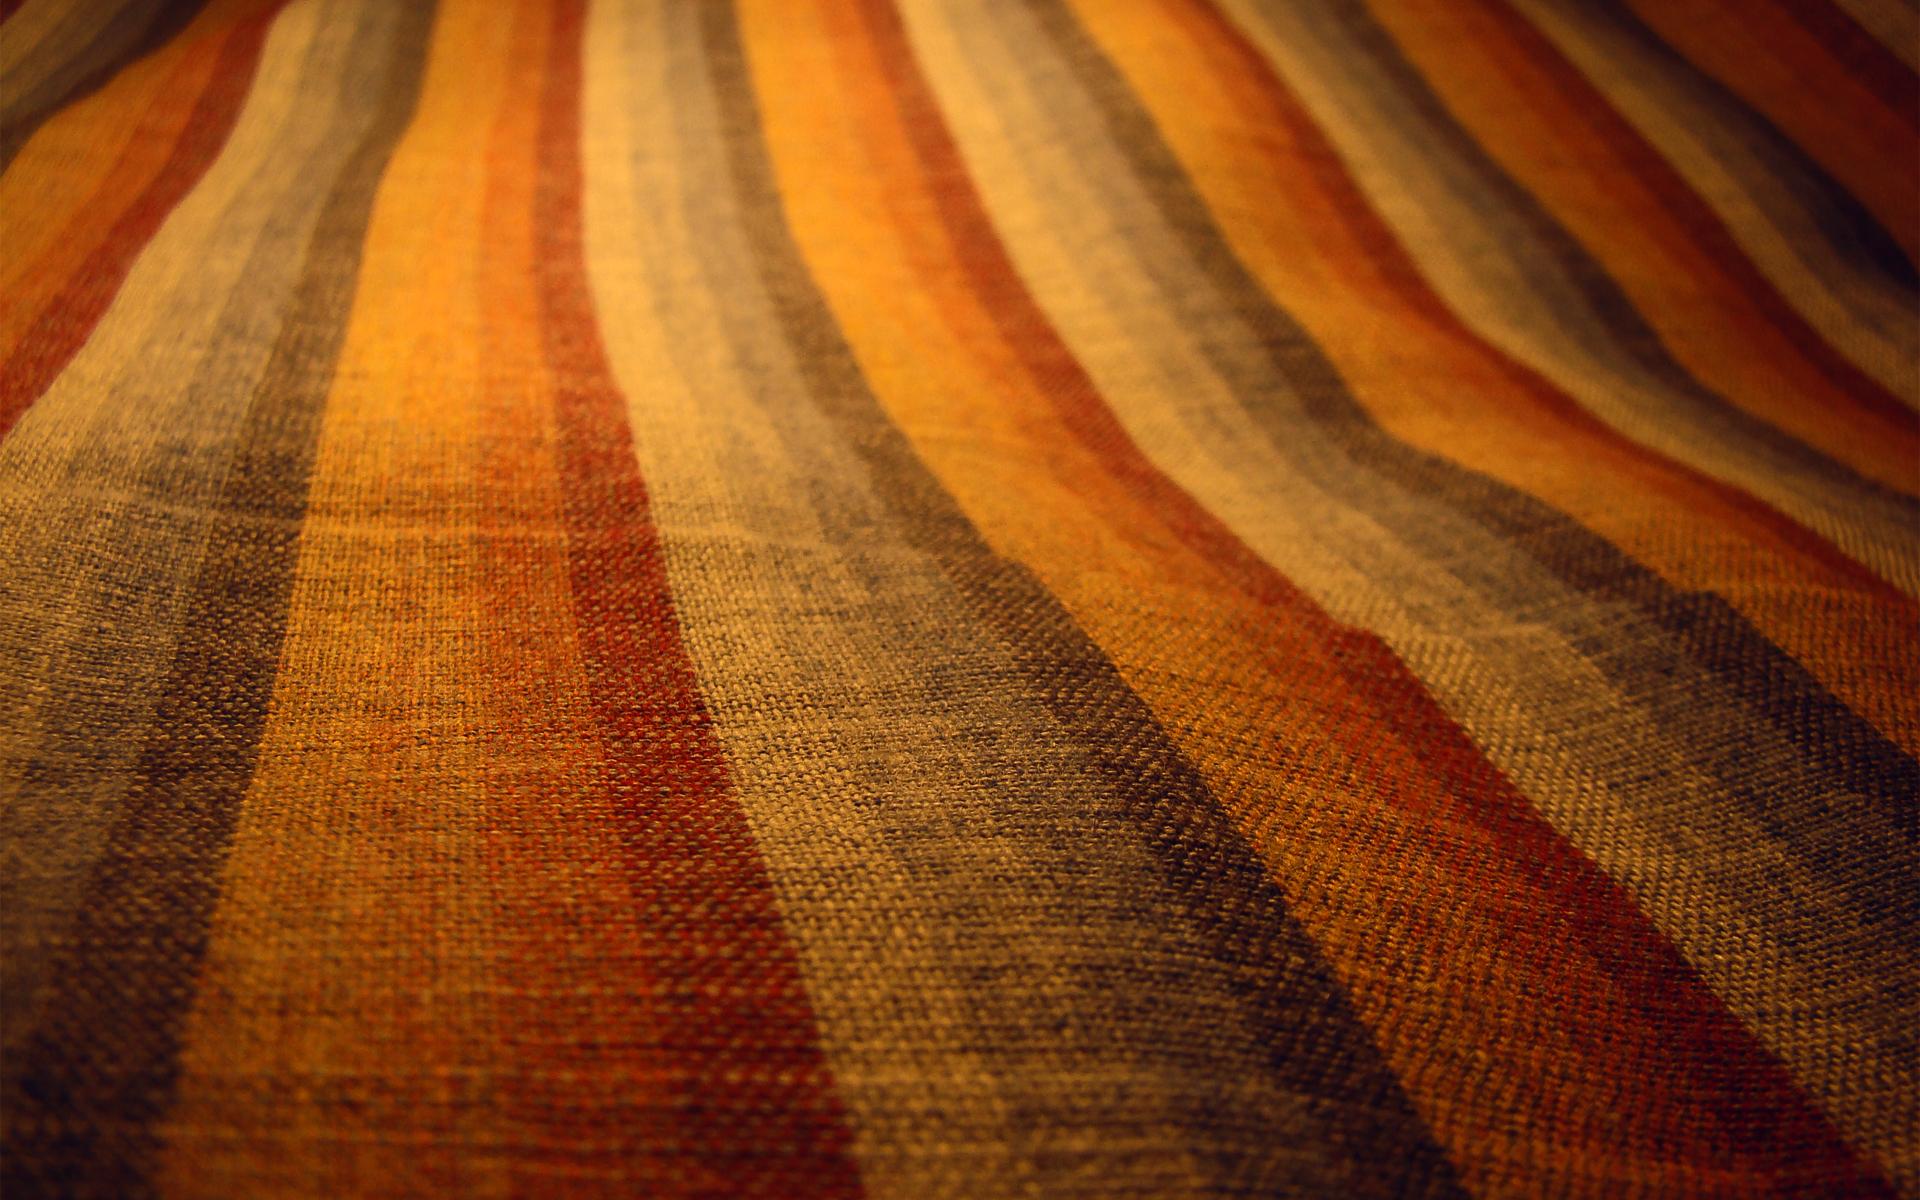 Textura de tela - 1920x1200